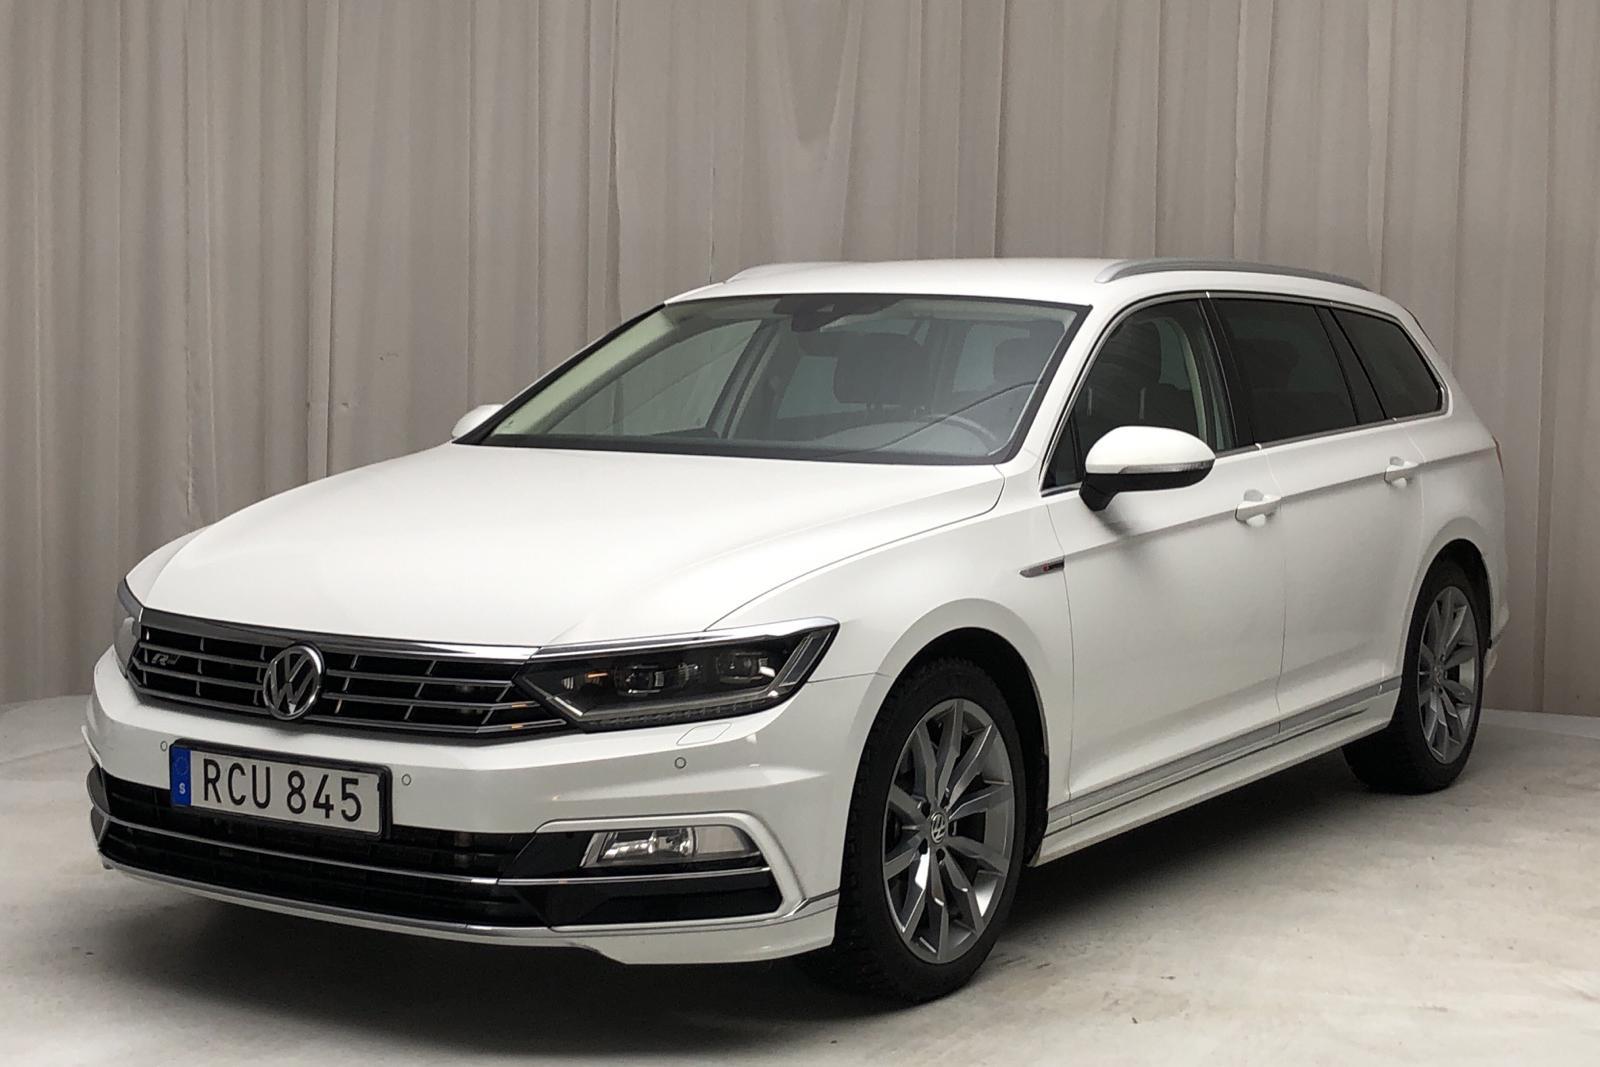 VW Passat 2.0 TDI BiTurbo 4MOTION (240hk) - 10 308 mil - Automat - vit - 2018